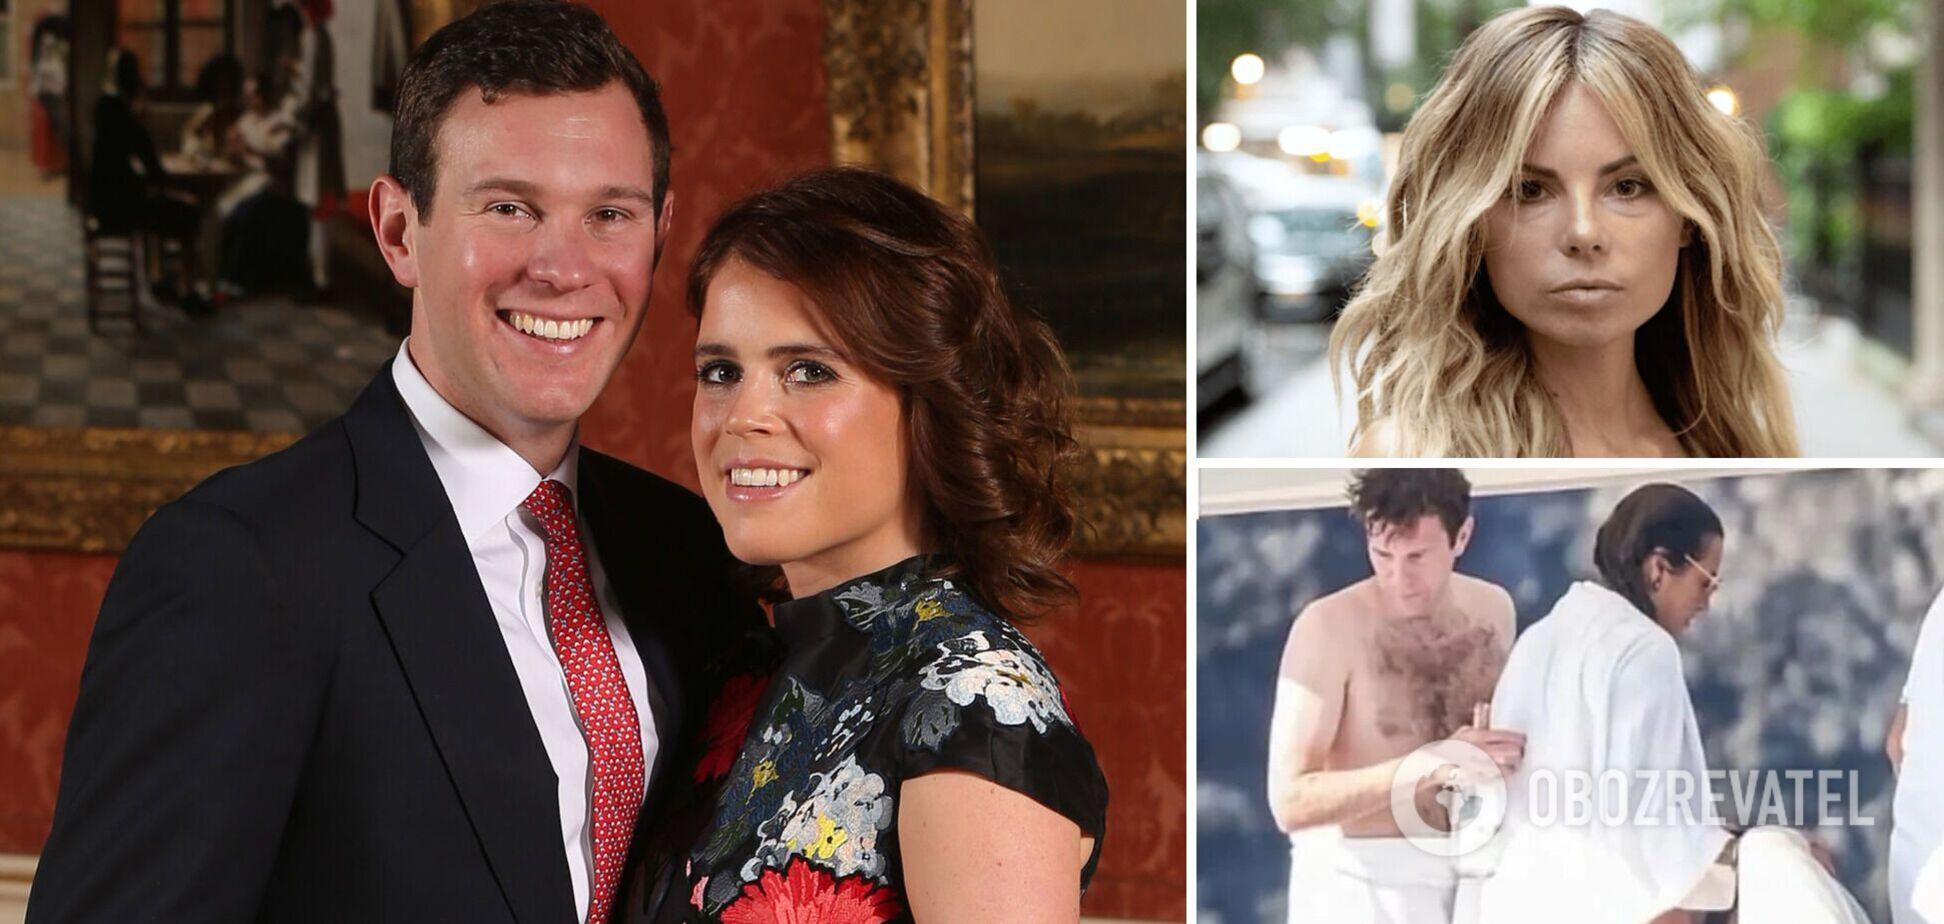 Отдохнувшая с мужем принцессы Евгении полуголая модель отреагировала на скандал